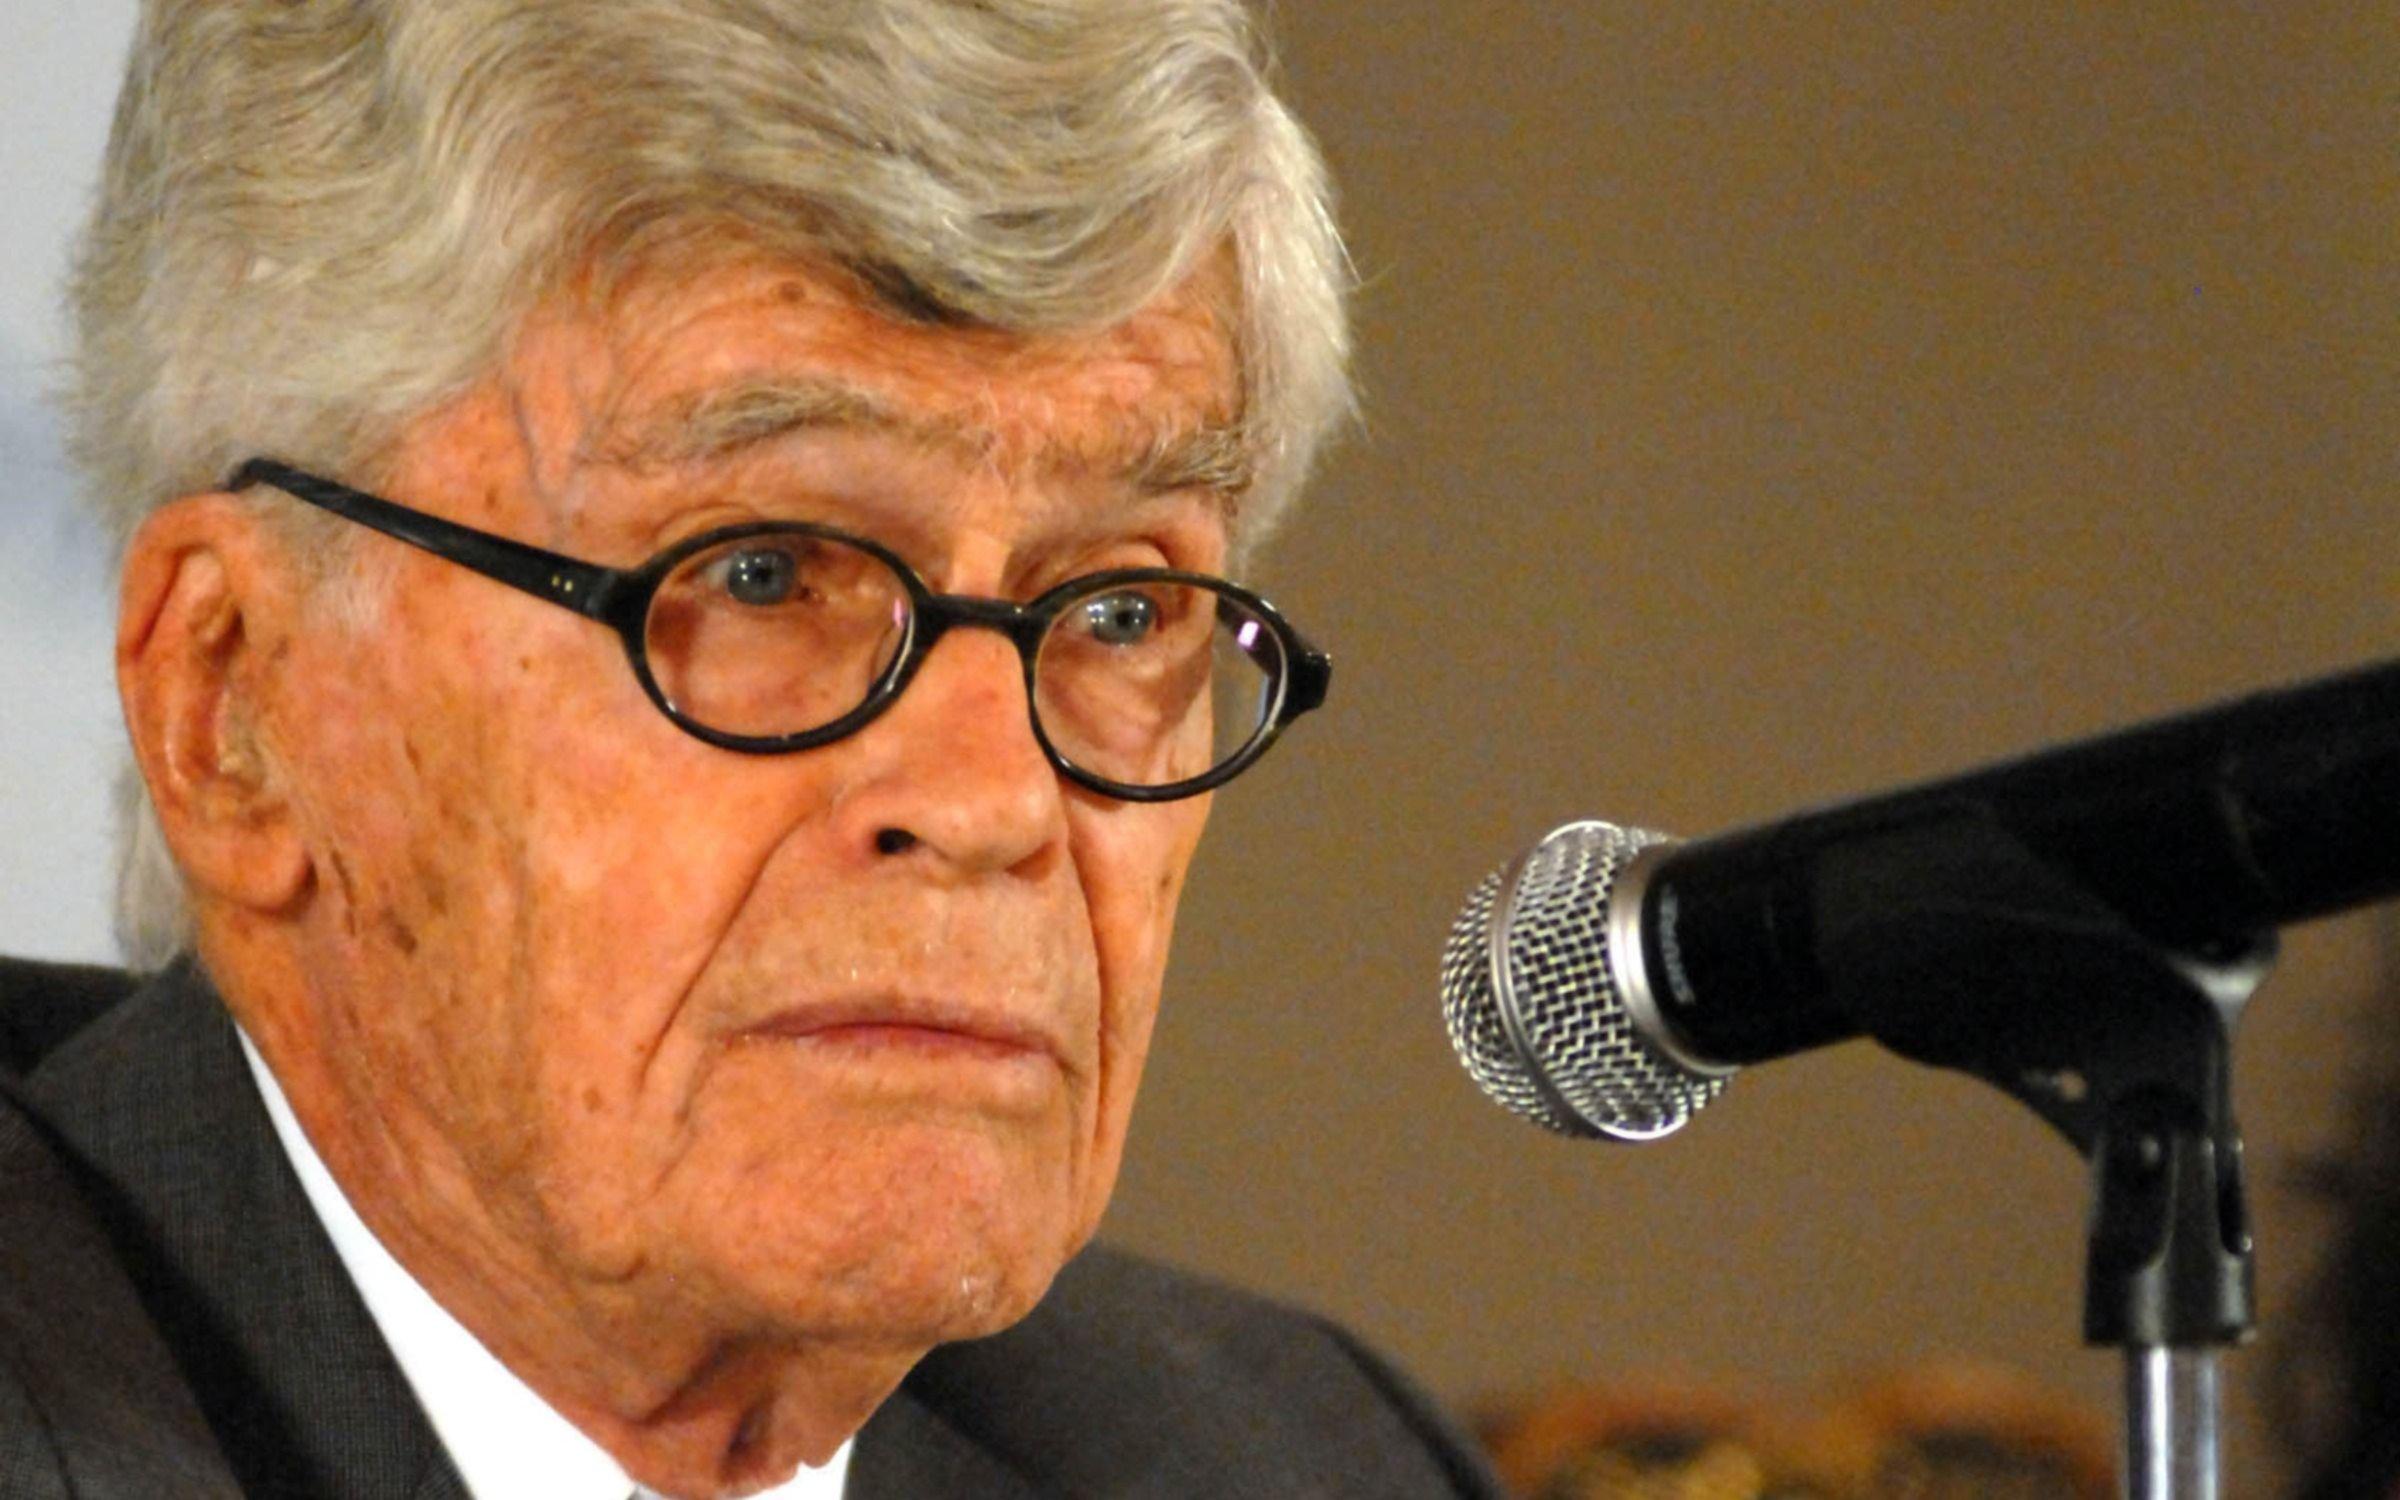 Murió el físico y filósofo argentino Mario Bunge, que estudió en La Plata: tenía 100 años